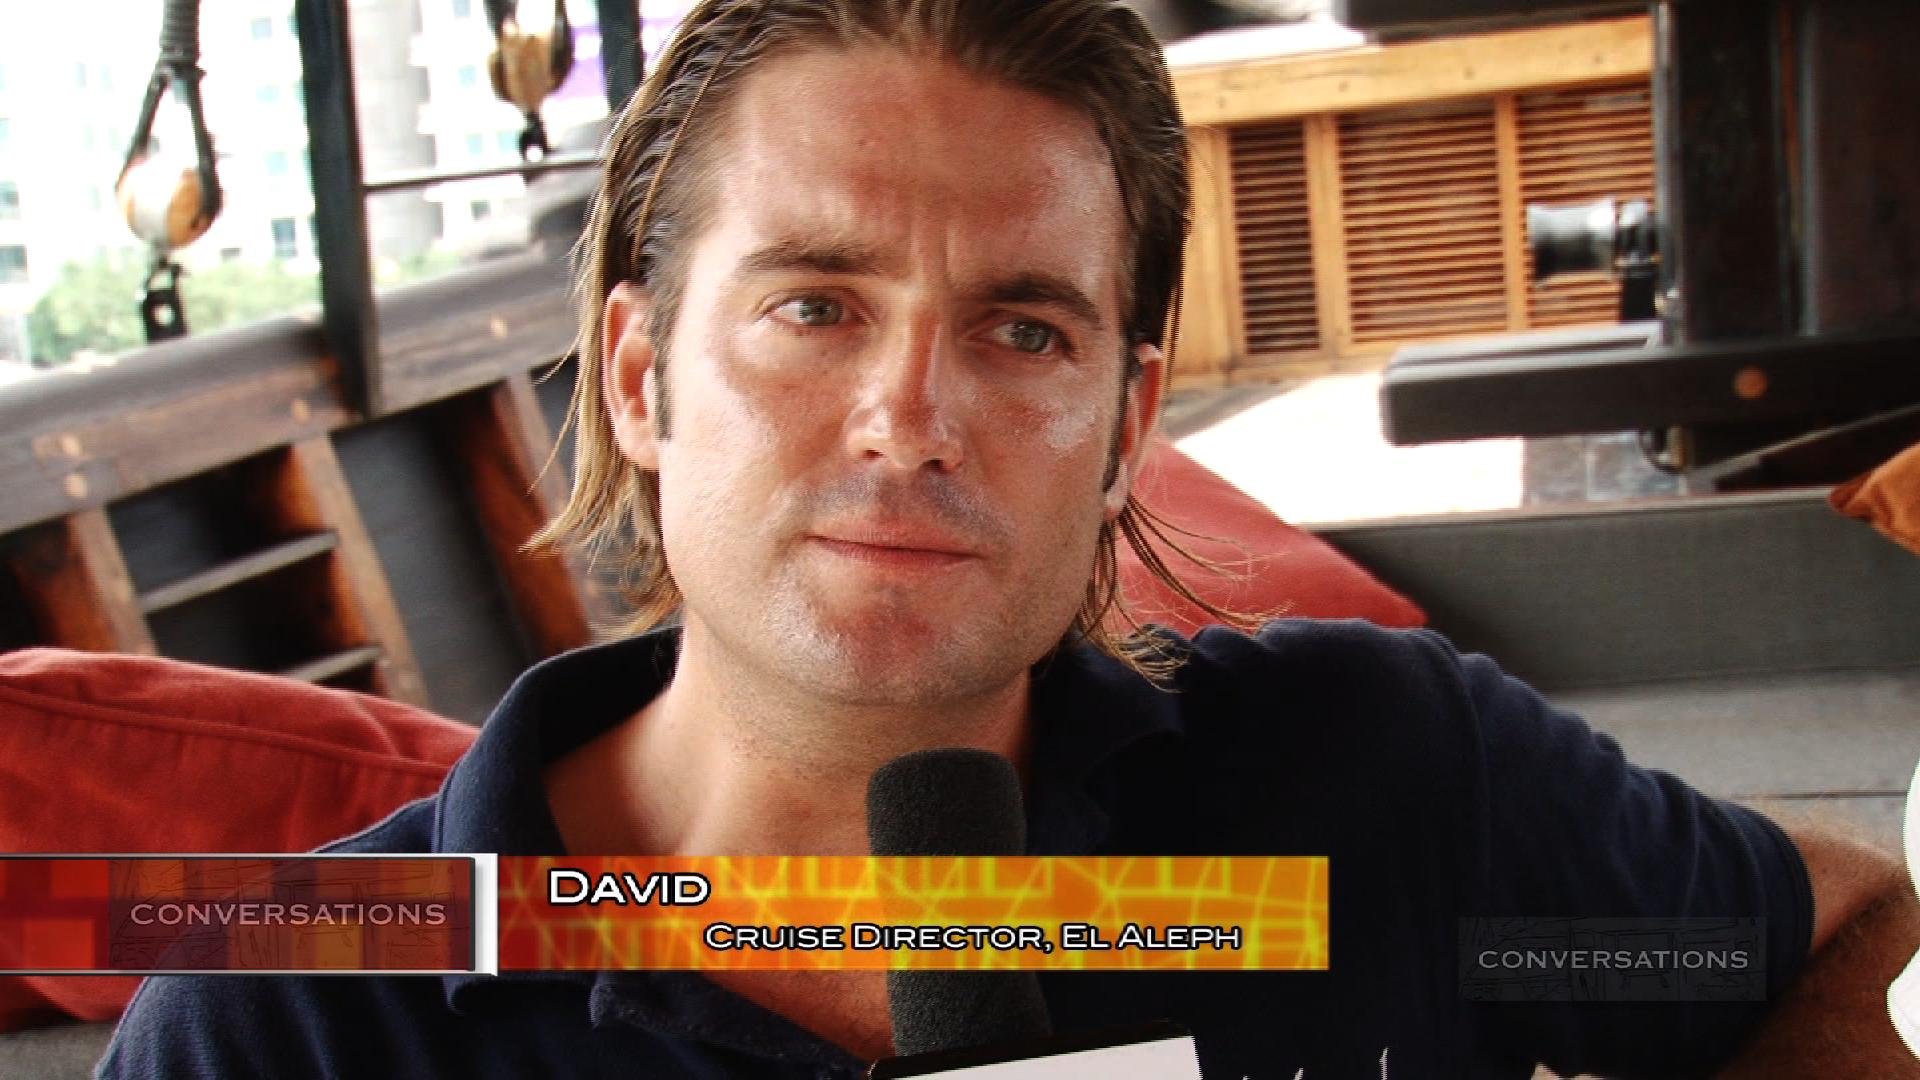 Conversations – Cruise Director David – El Aleph